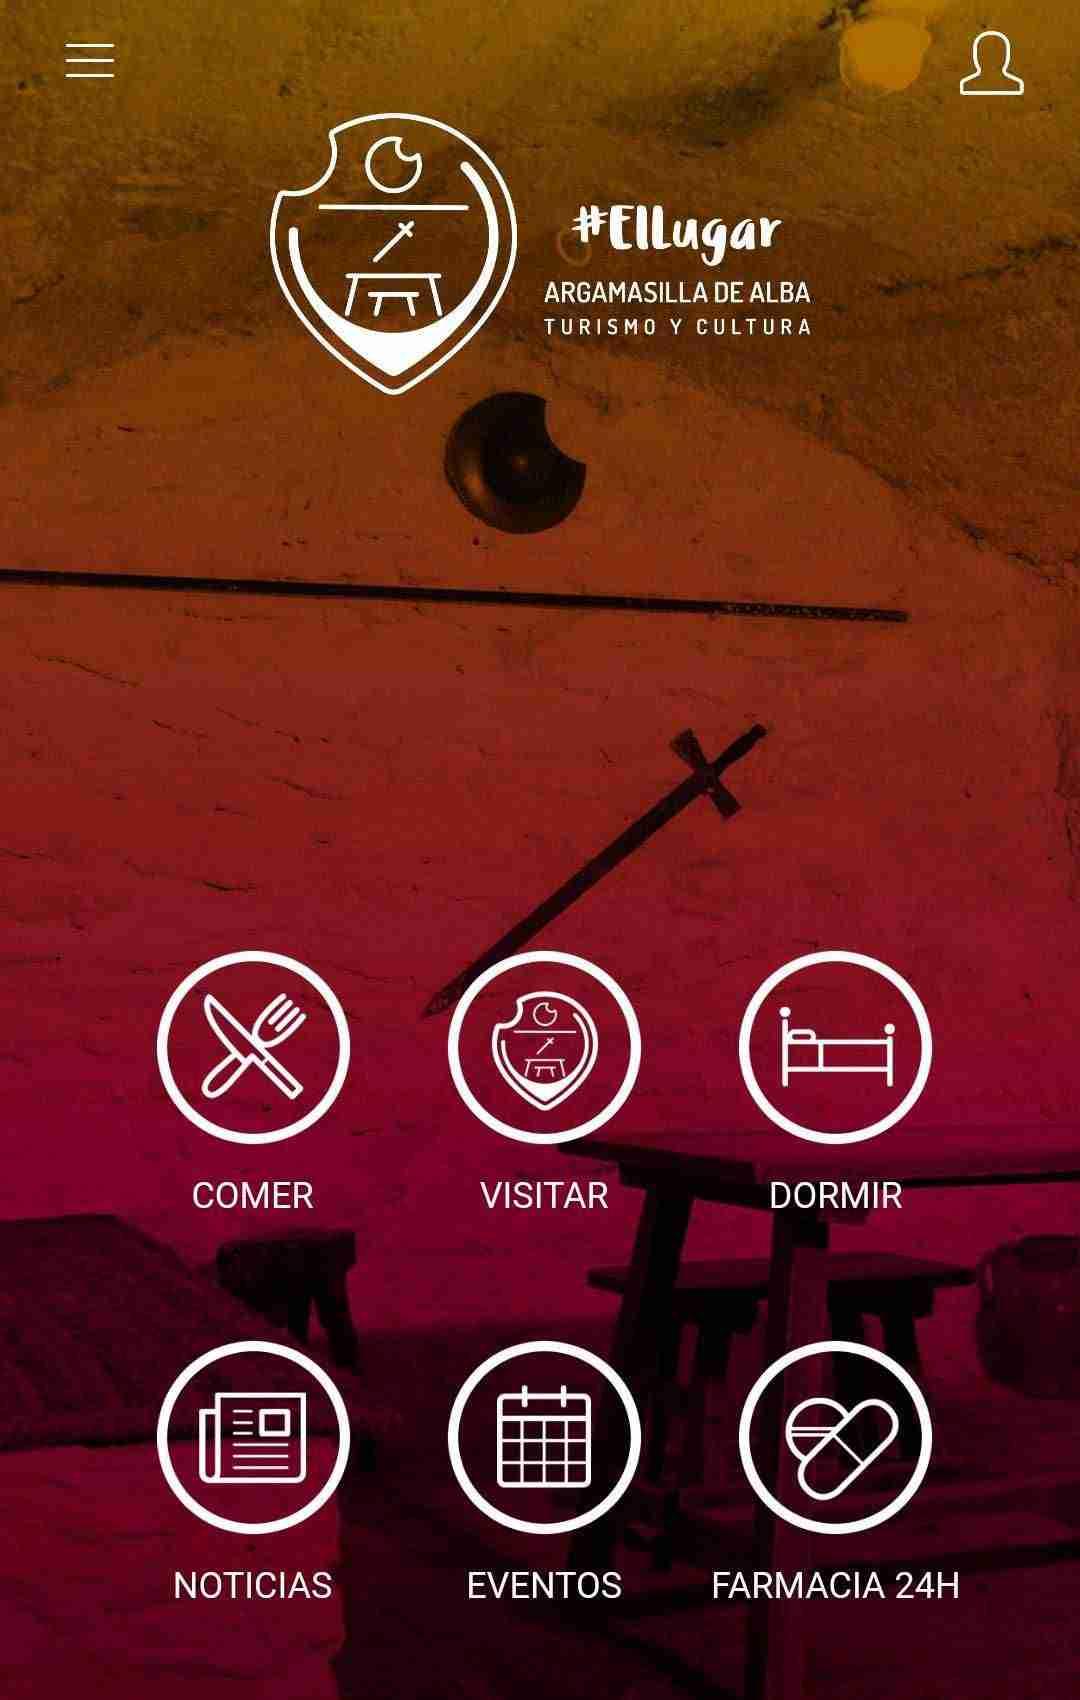 App de turismo de Argamasilla de Alba